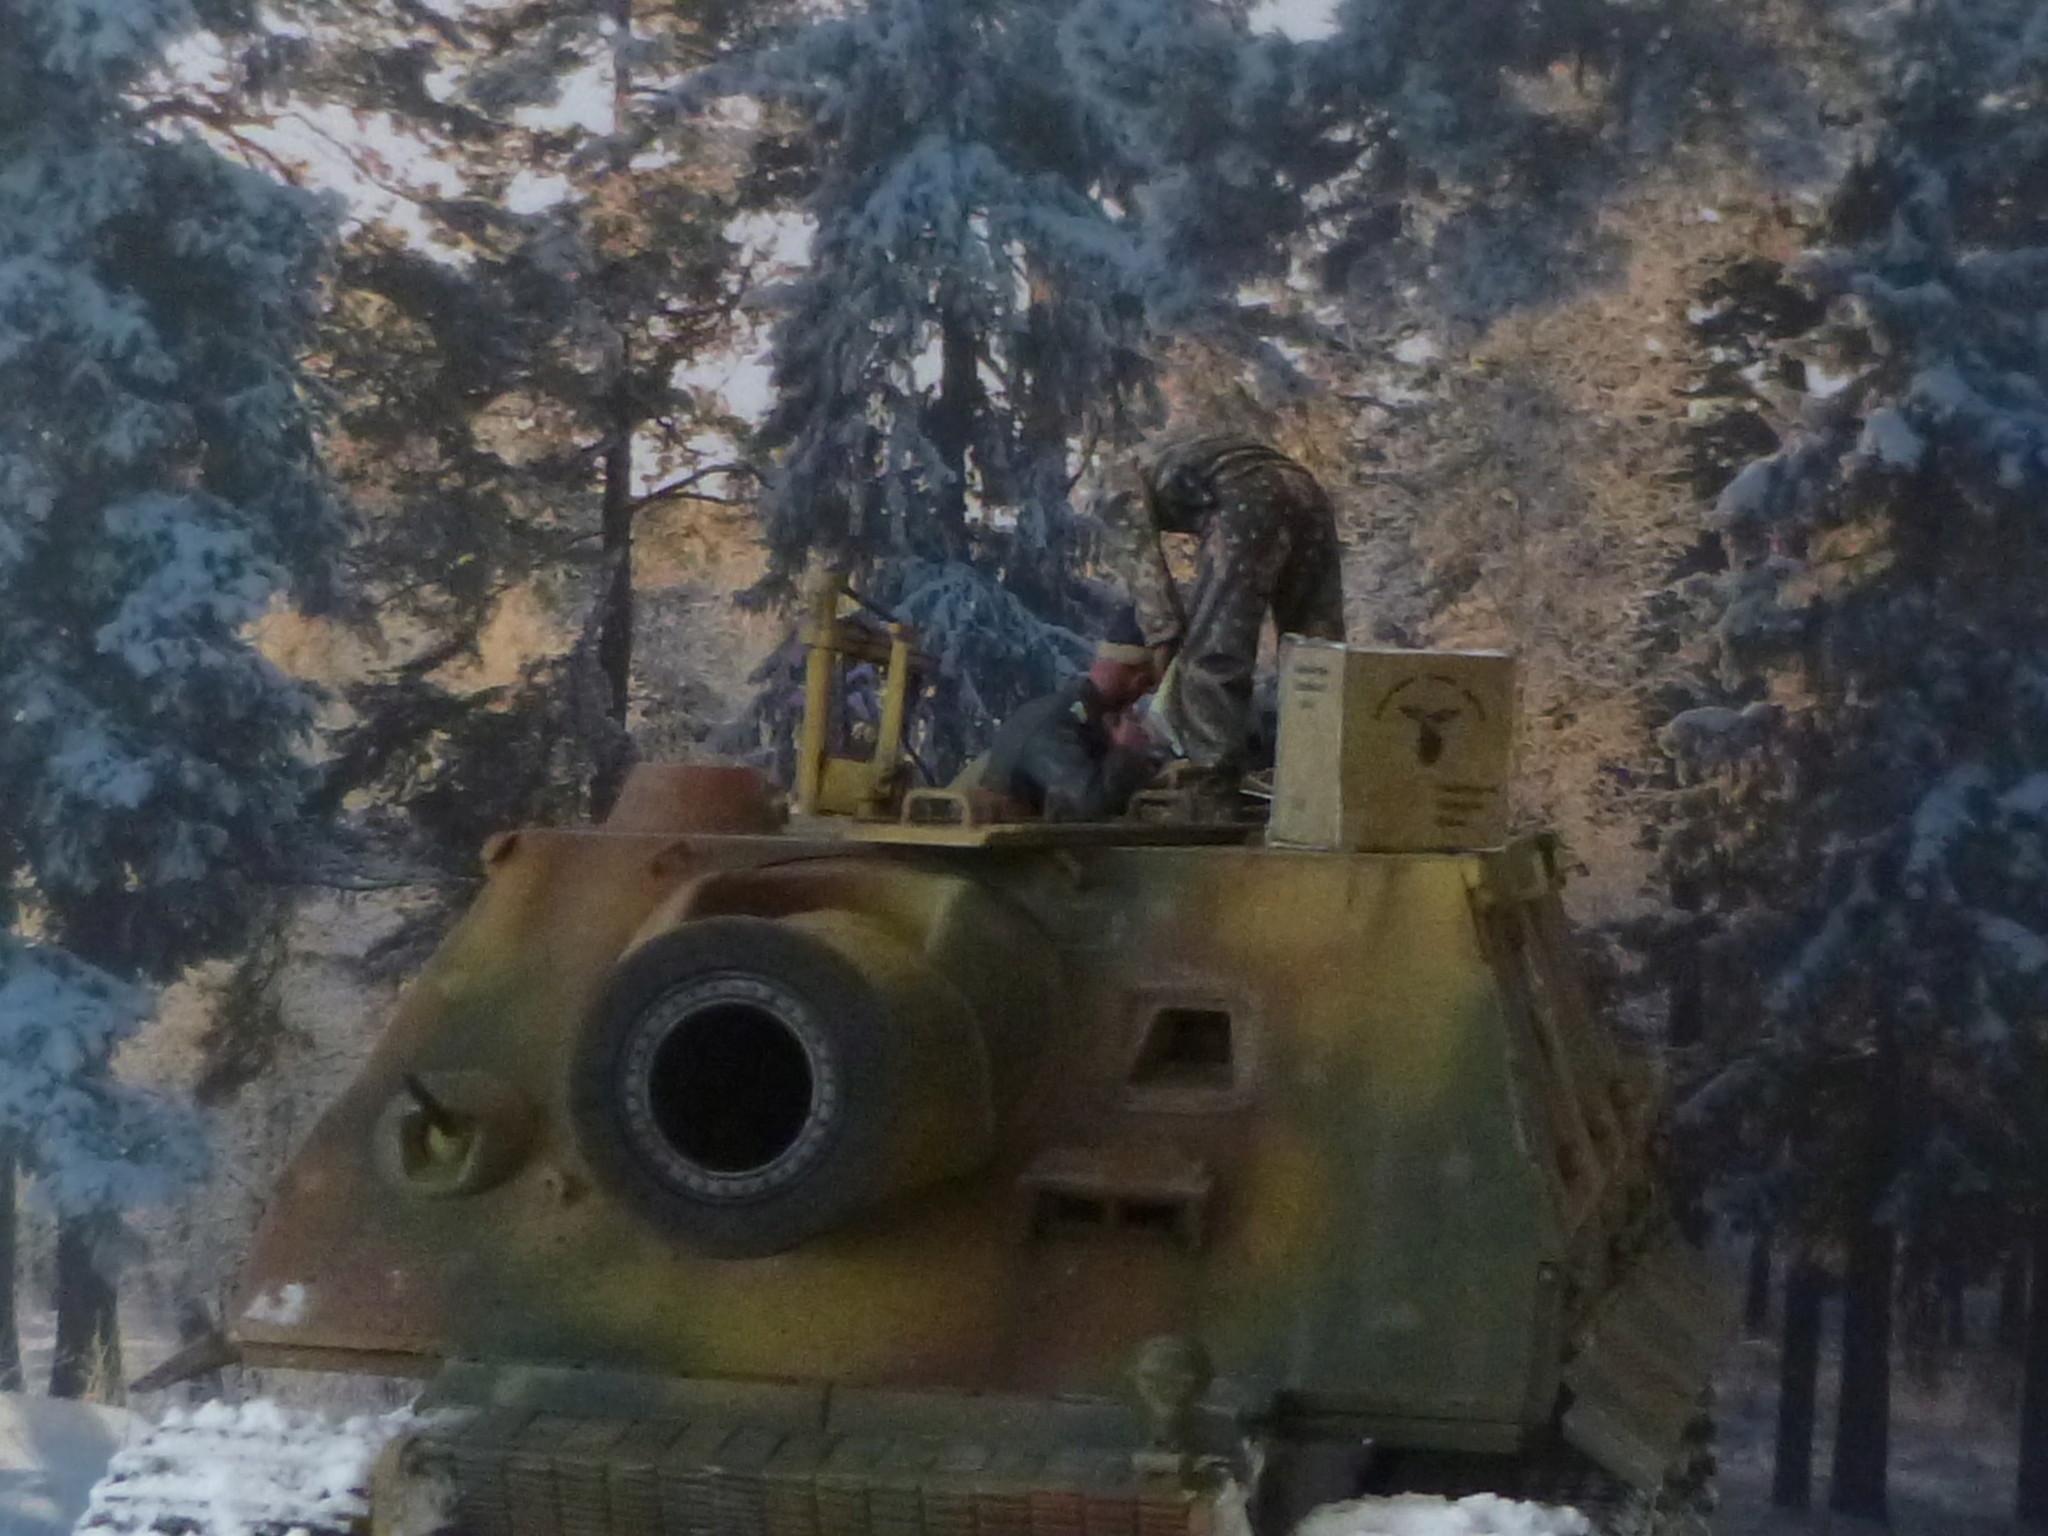 Wacht am Rhein Ardennes décembre 1944 - Sturmtiger Italeri et équipage Verlinden 1/35 P1040357